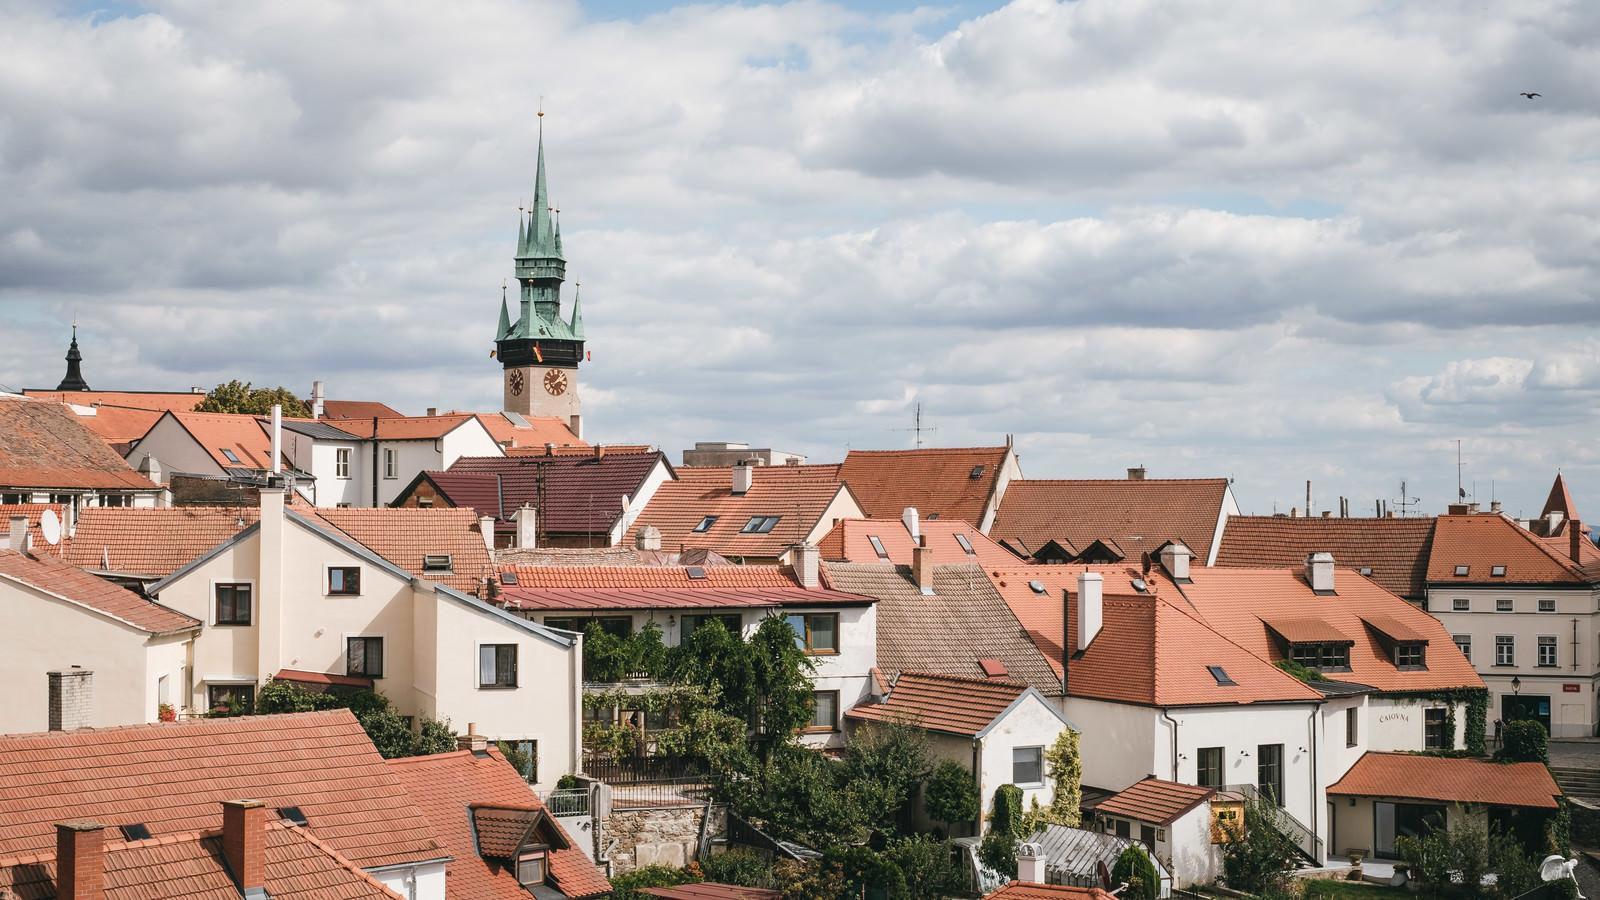 「ズノイモ市街と時計台(チェコ共和国)」の写真